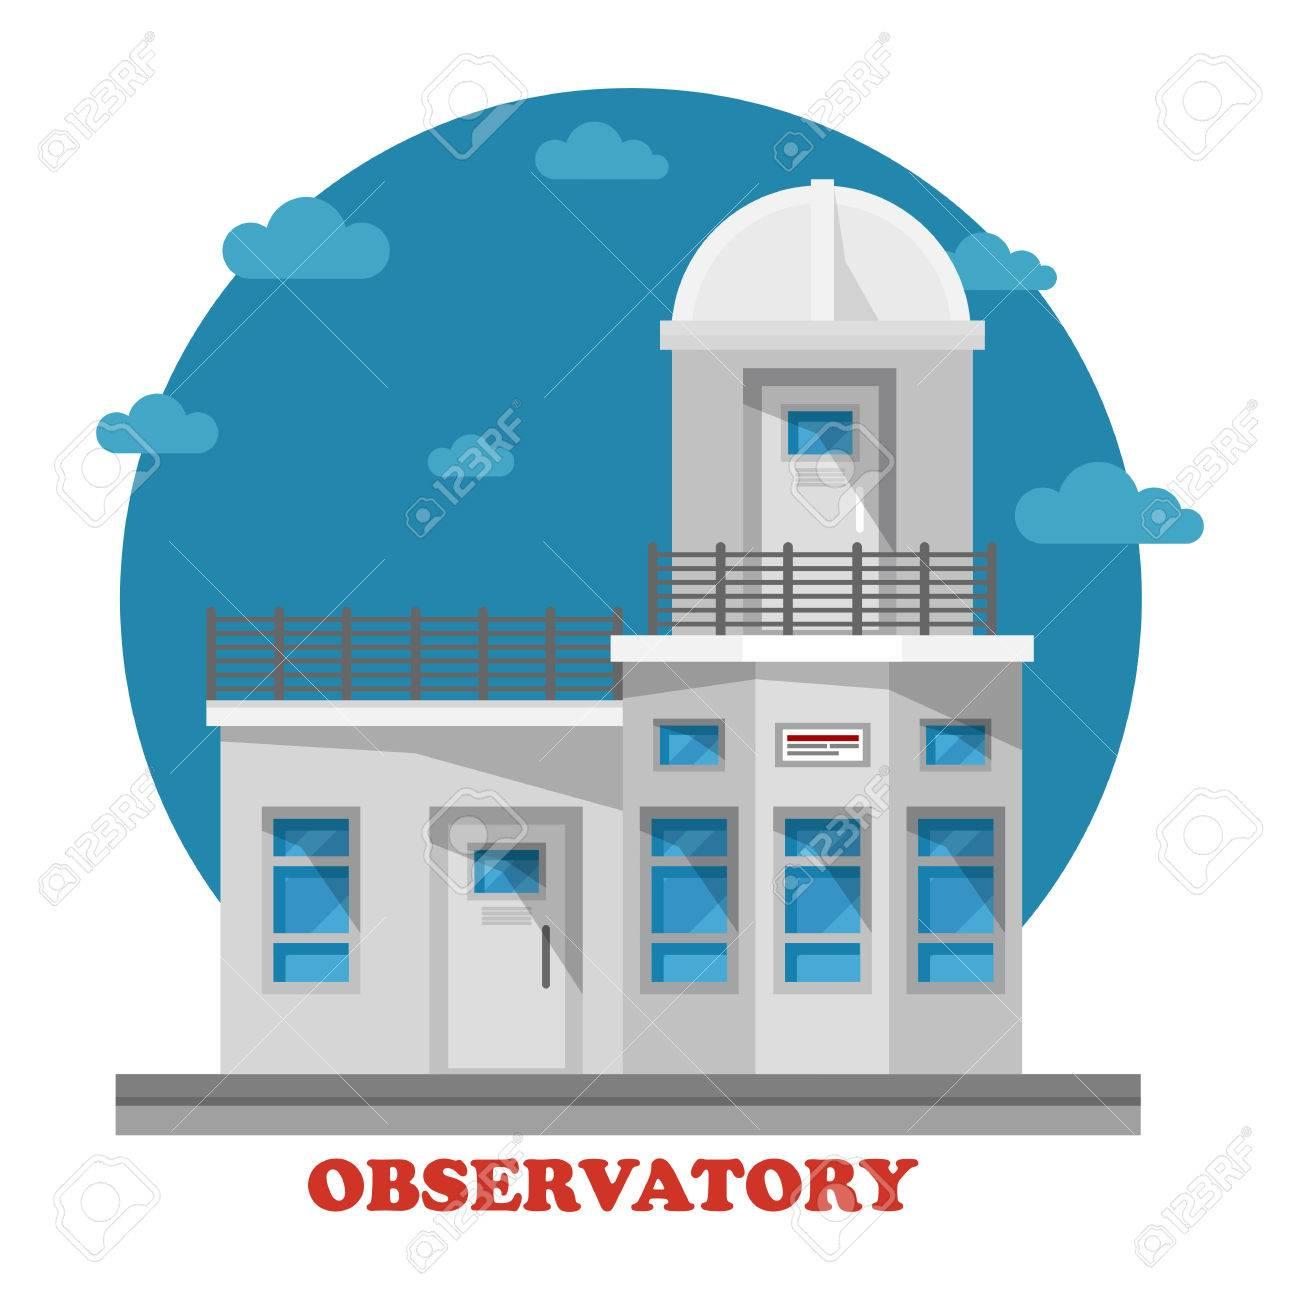 天文台ドームの天体望遠鏡で夜建物します。空と宇宙、惑星や宇宙、銀河を観察するため使用ことができます正面外観のアーキテクチャです。プラネタリウム